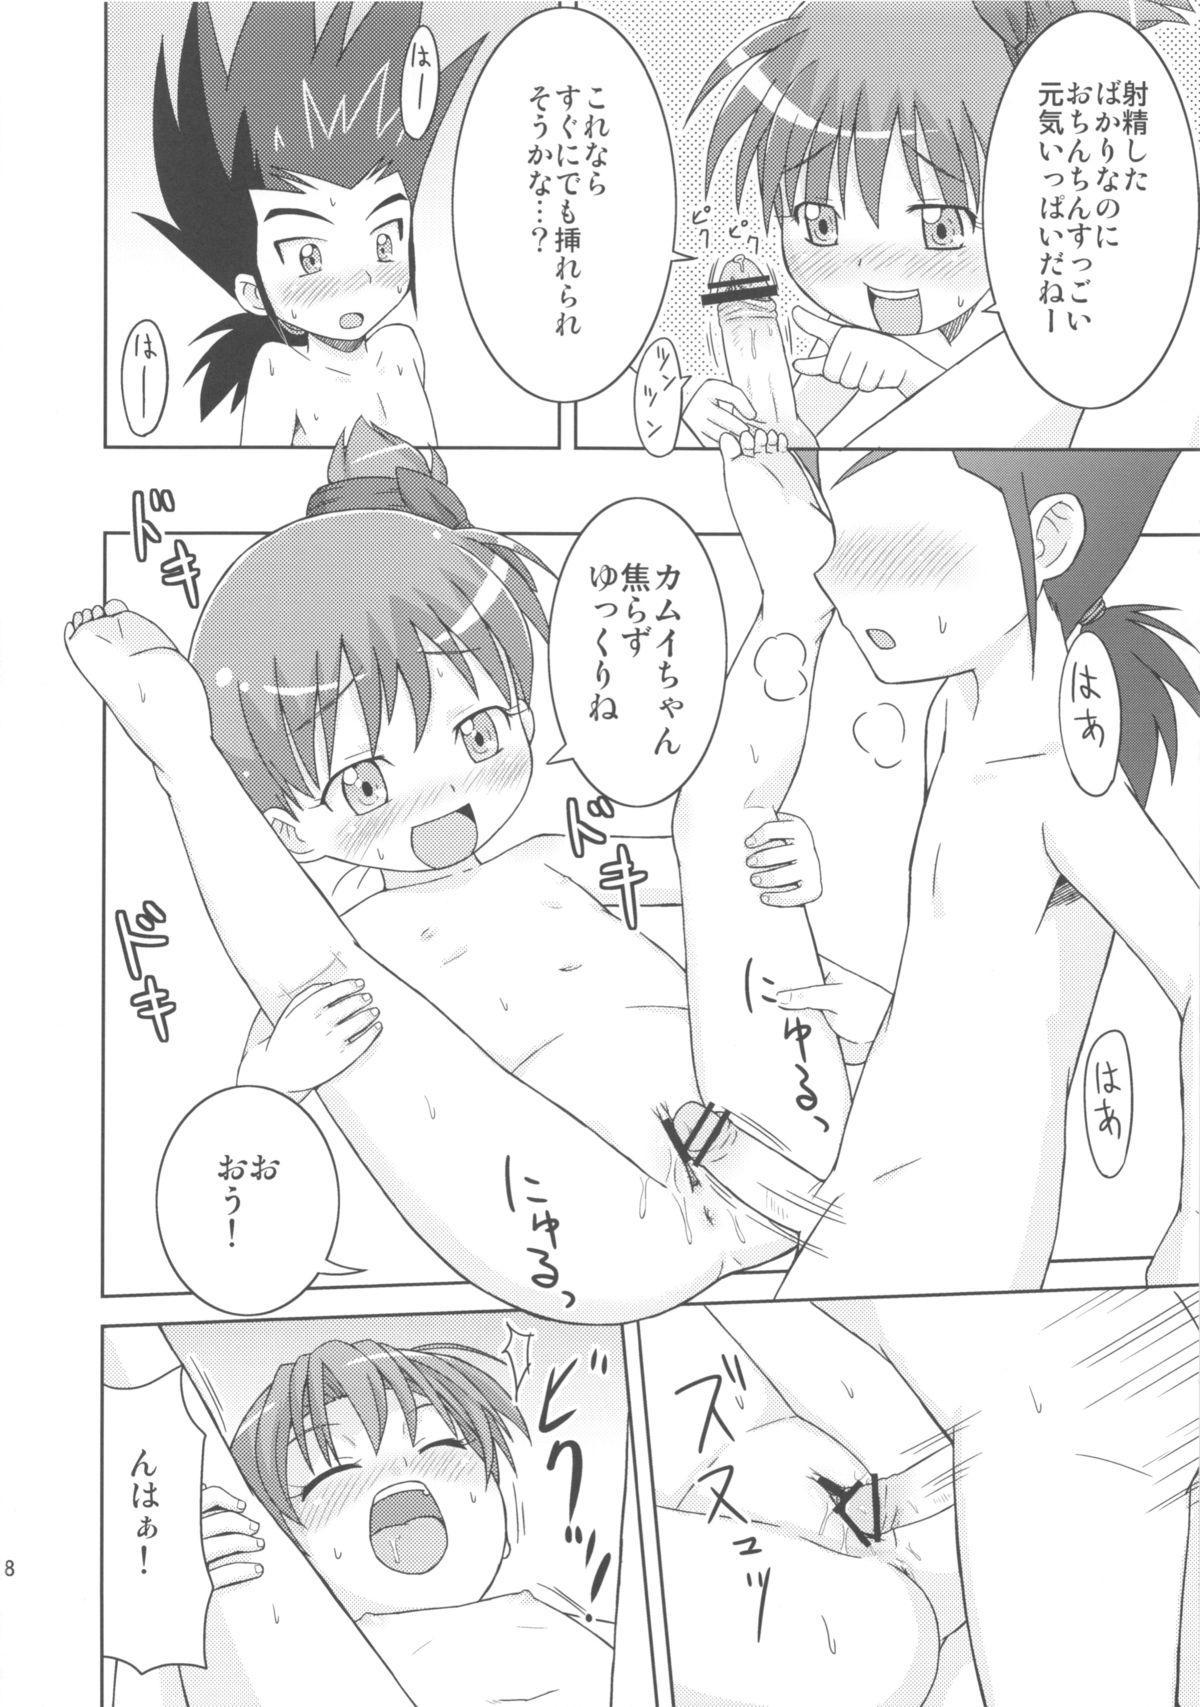 (Puniket 27) [Tori no Ya (Mashikodori)] Kamui-kun to Nagisa-chan to. (Cardfight!! Vanguard) 17